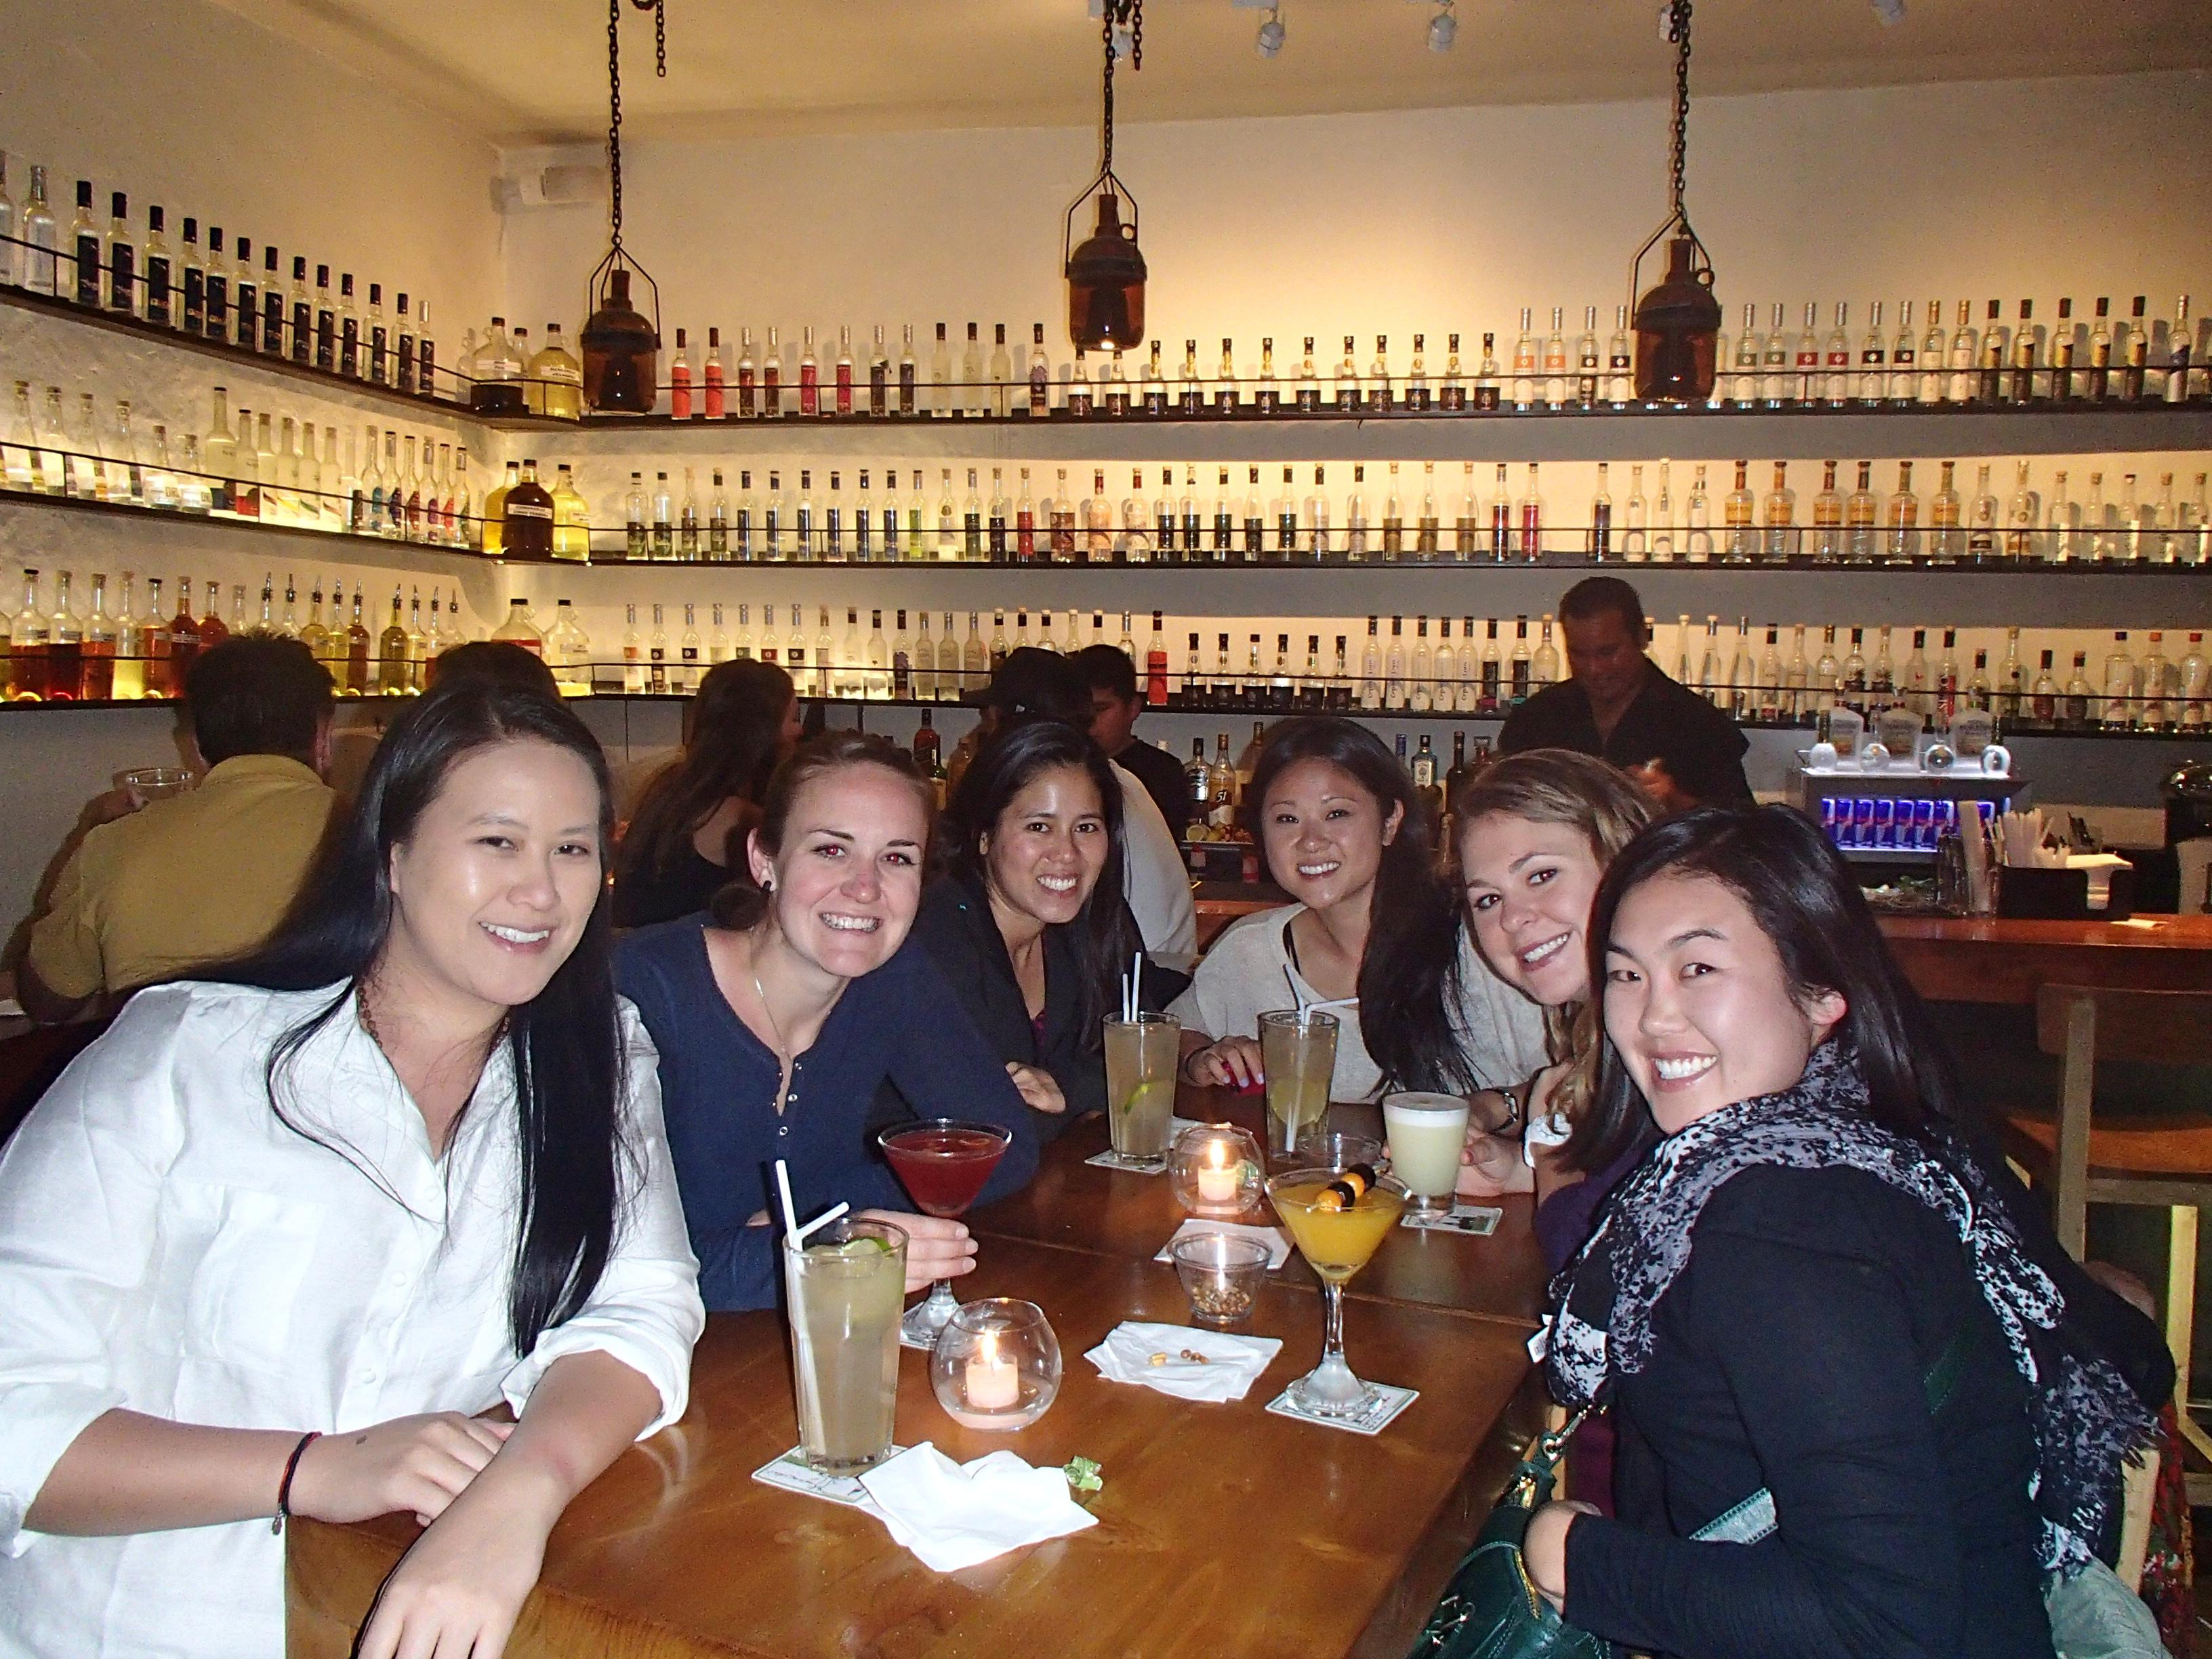 visit the Pisco Museum, best bars in Cusco, best bars in Peru